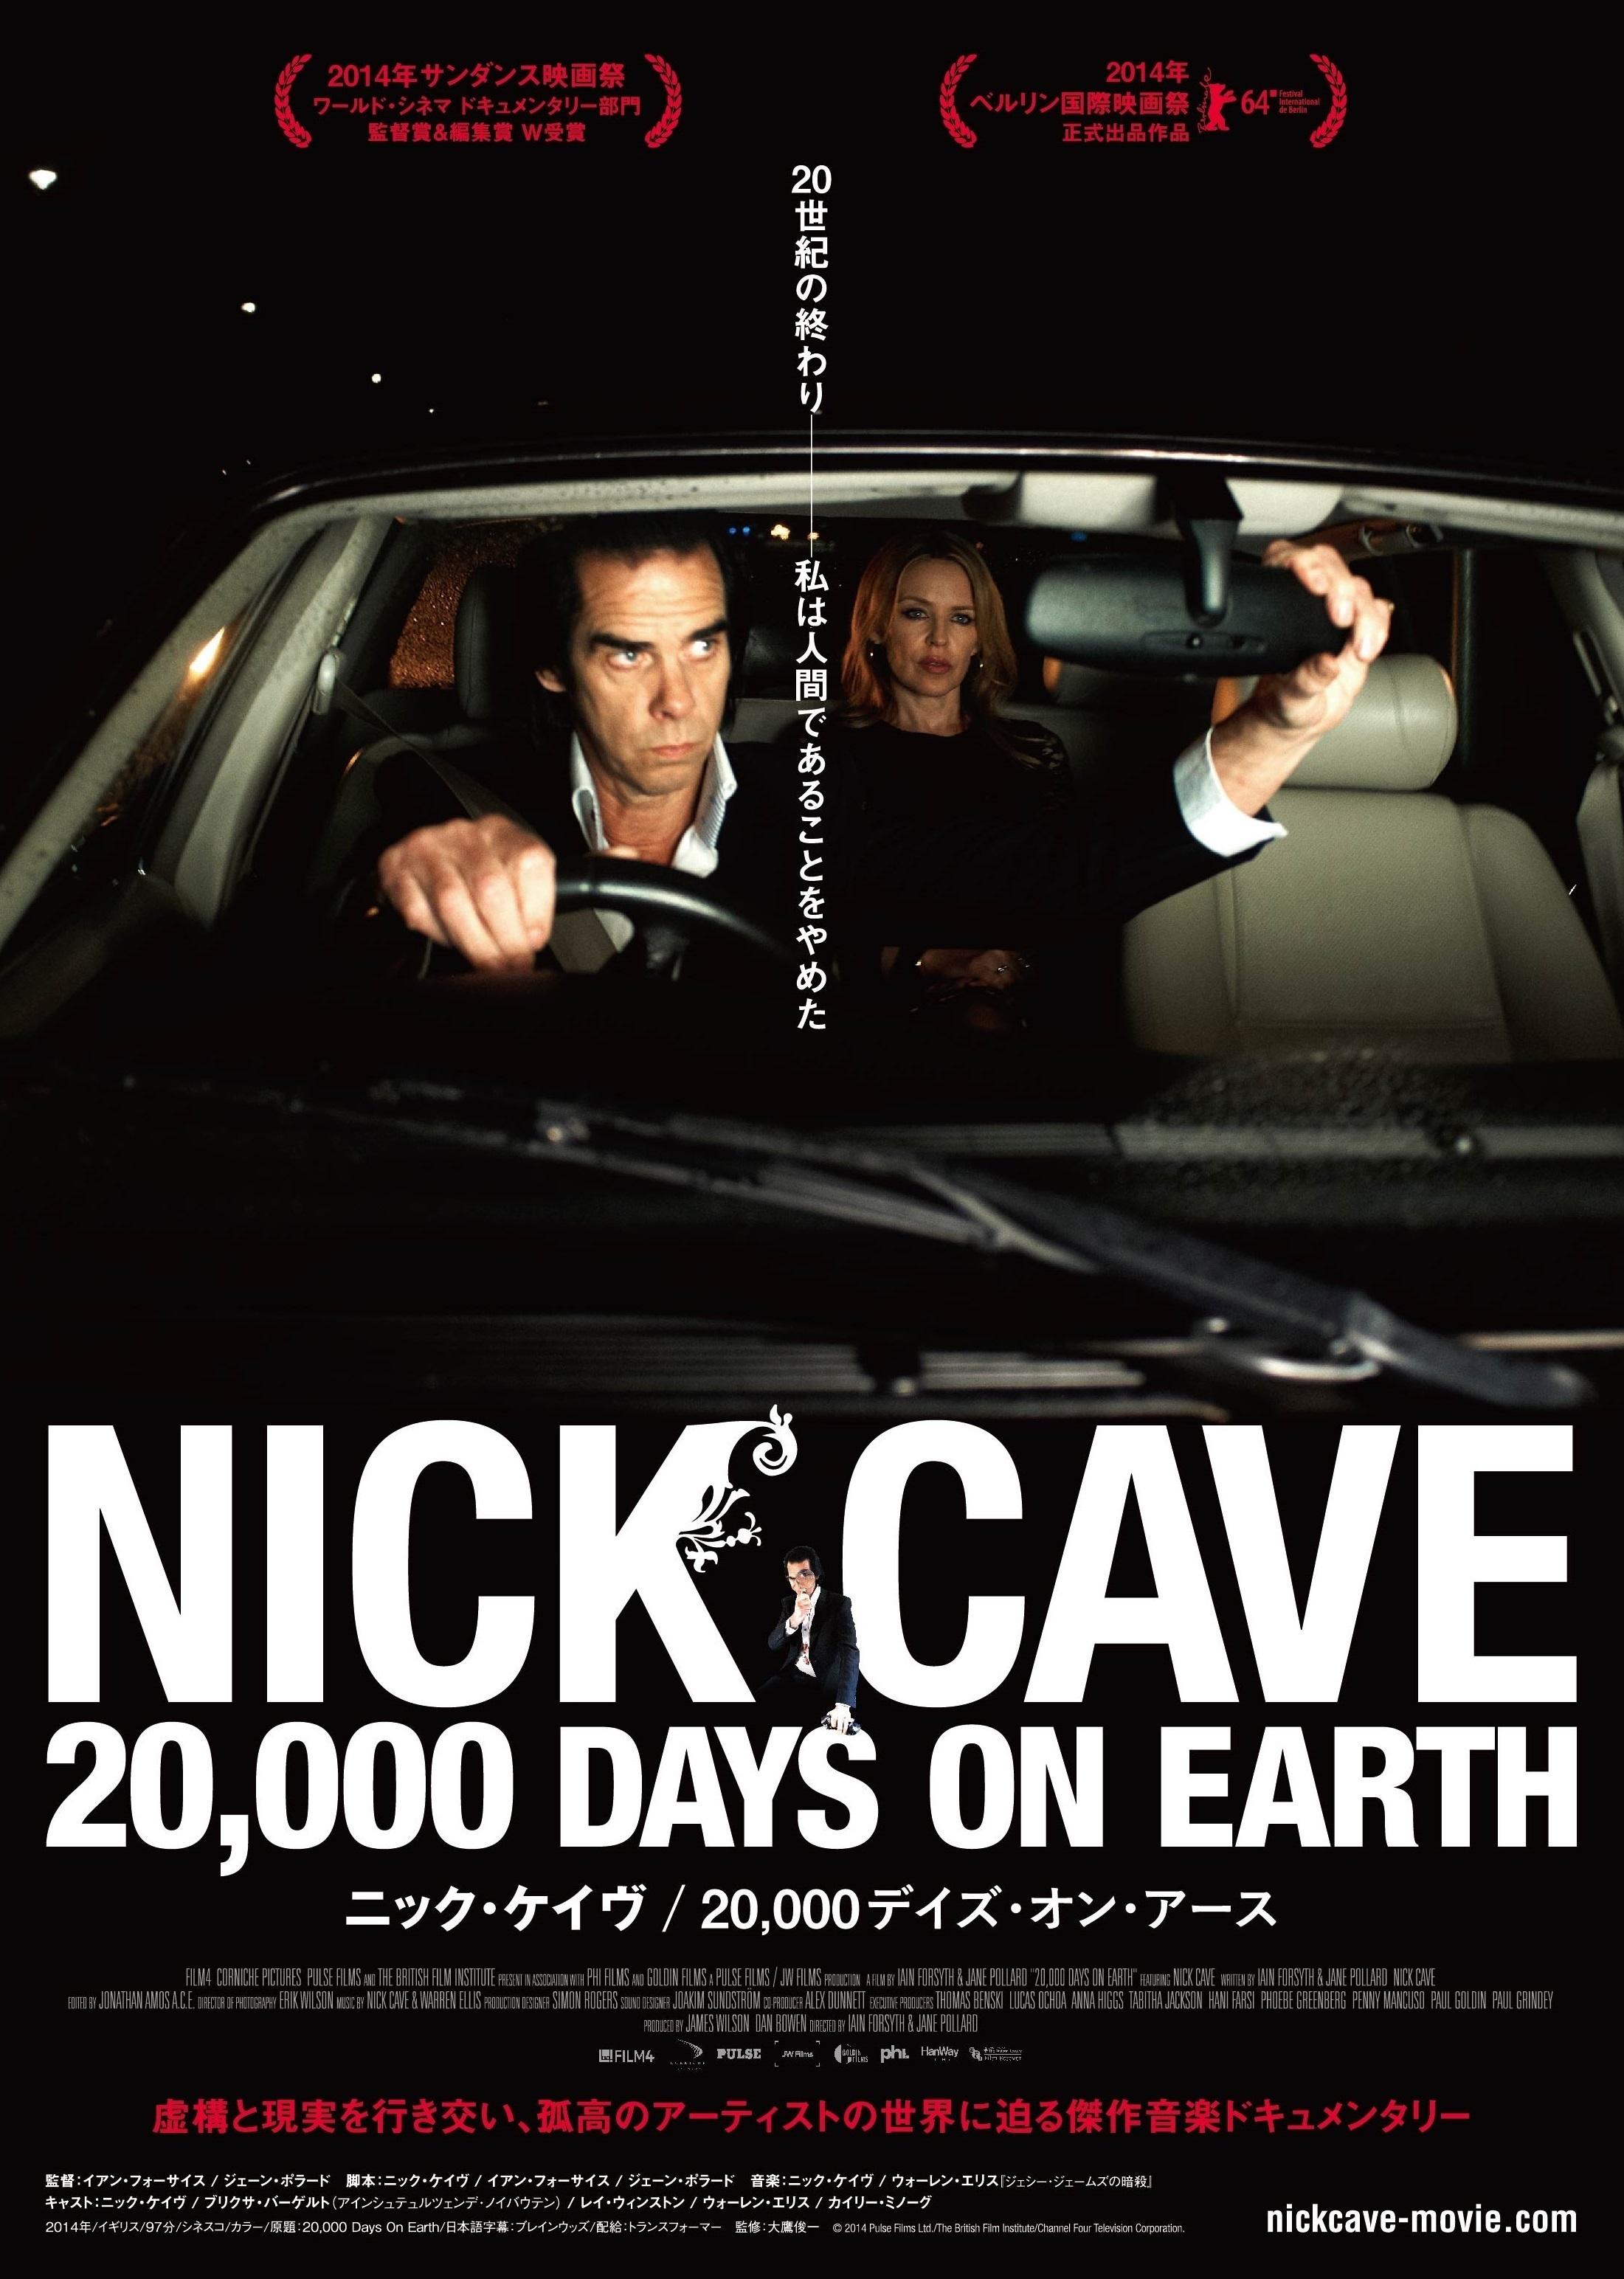 ニック・ケイヴの最新ドキュメンタリー、2015年2月に日本公開決定 ...